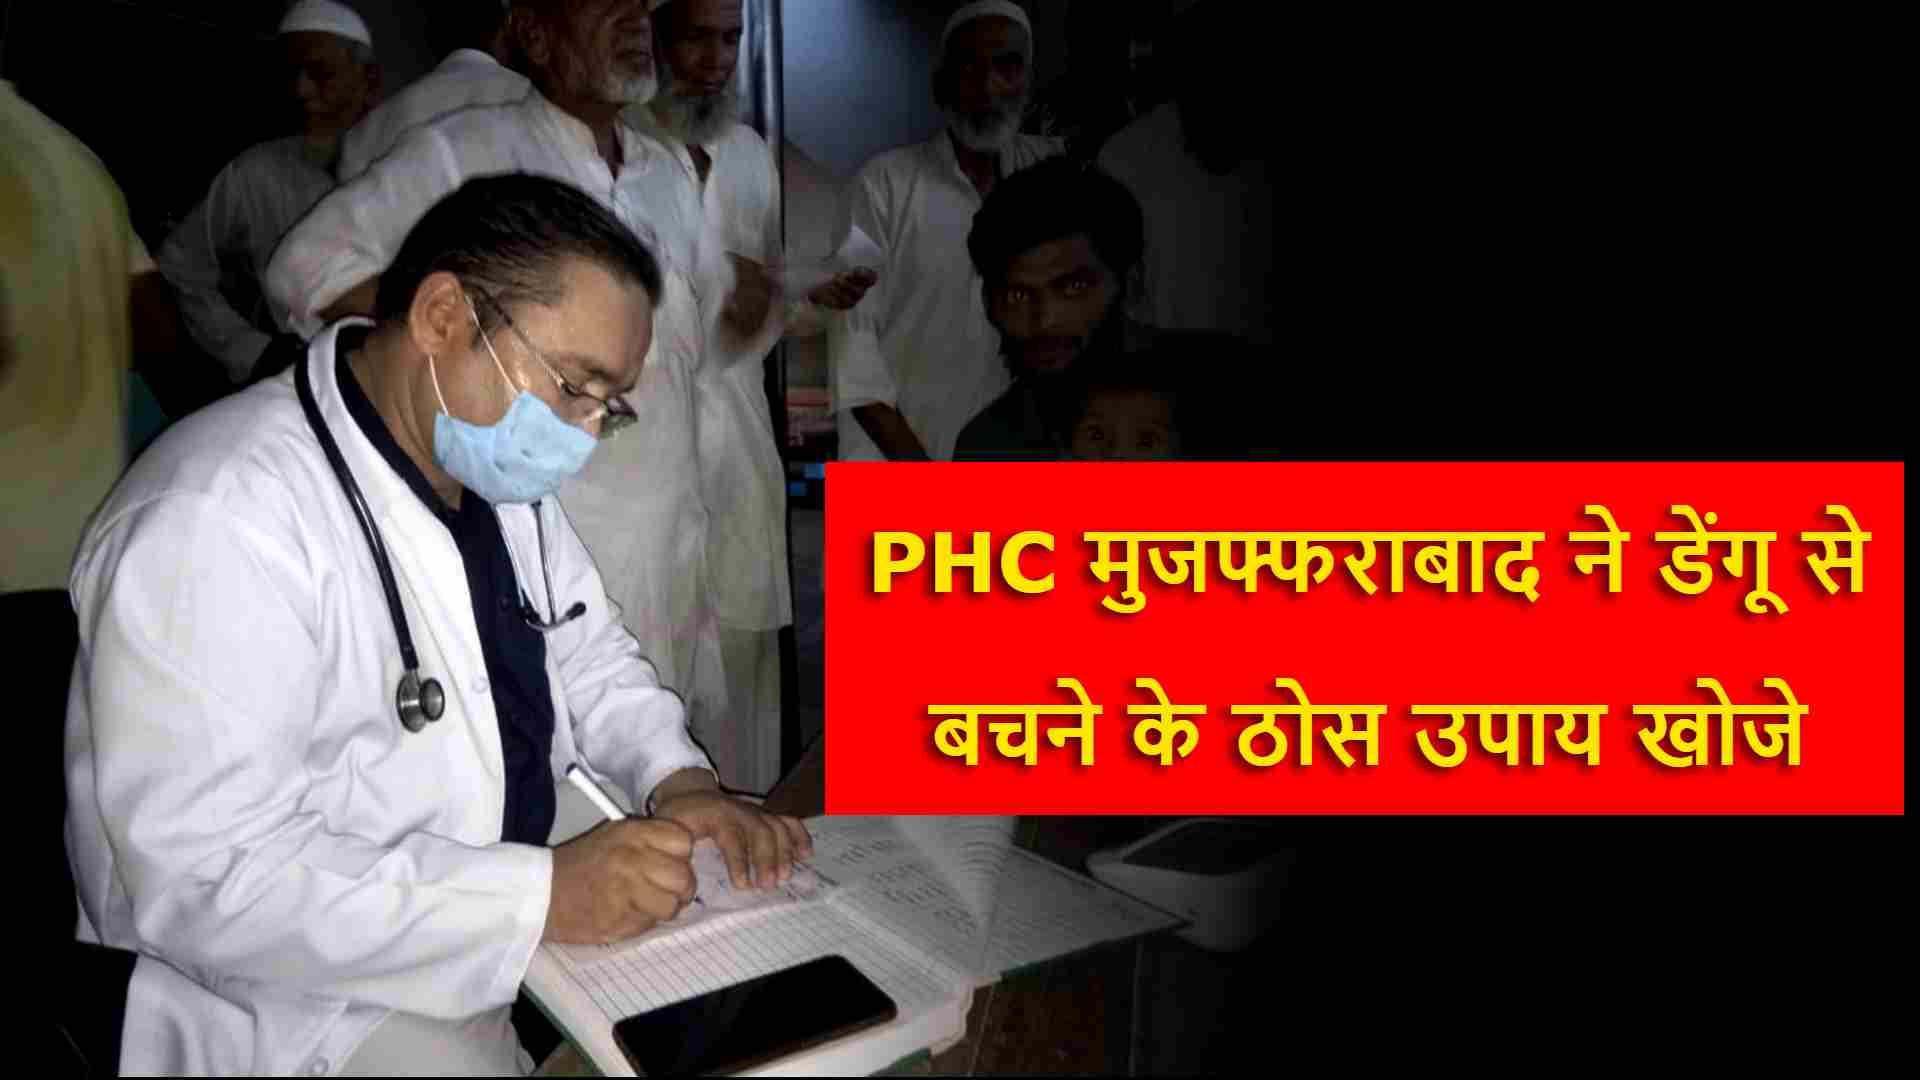 PHC मुजफ्फराबाद ने डेंगू से बचने के ठोस उपाय खोजे